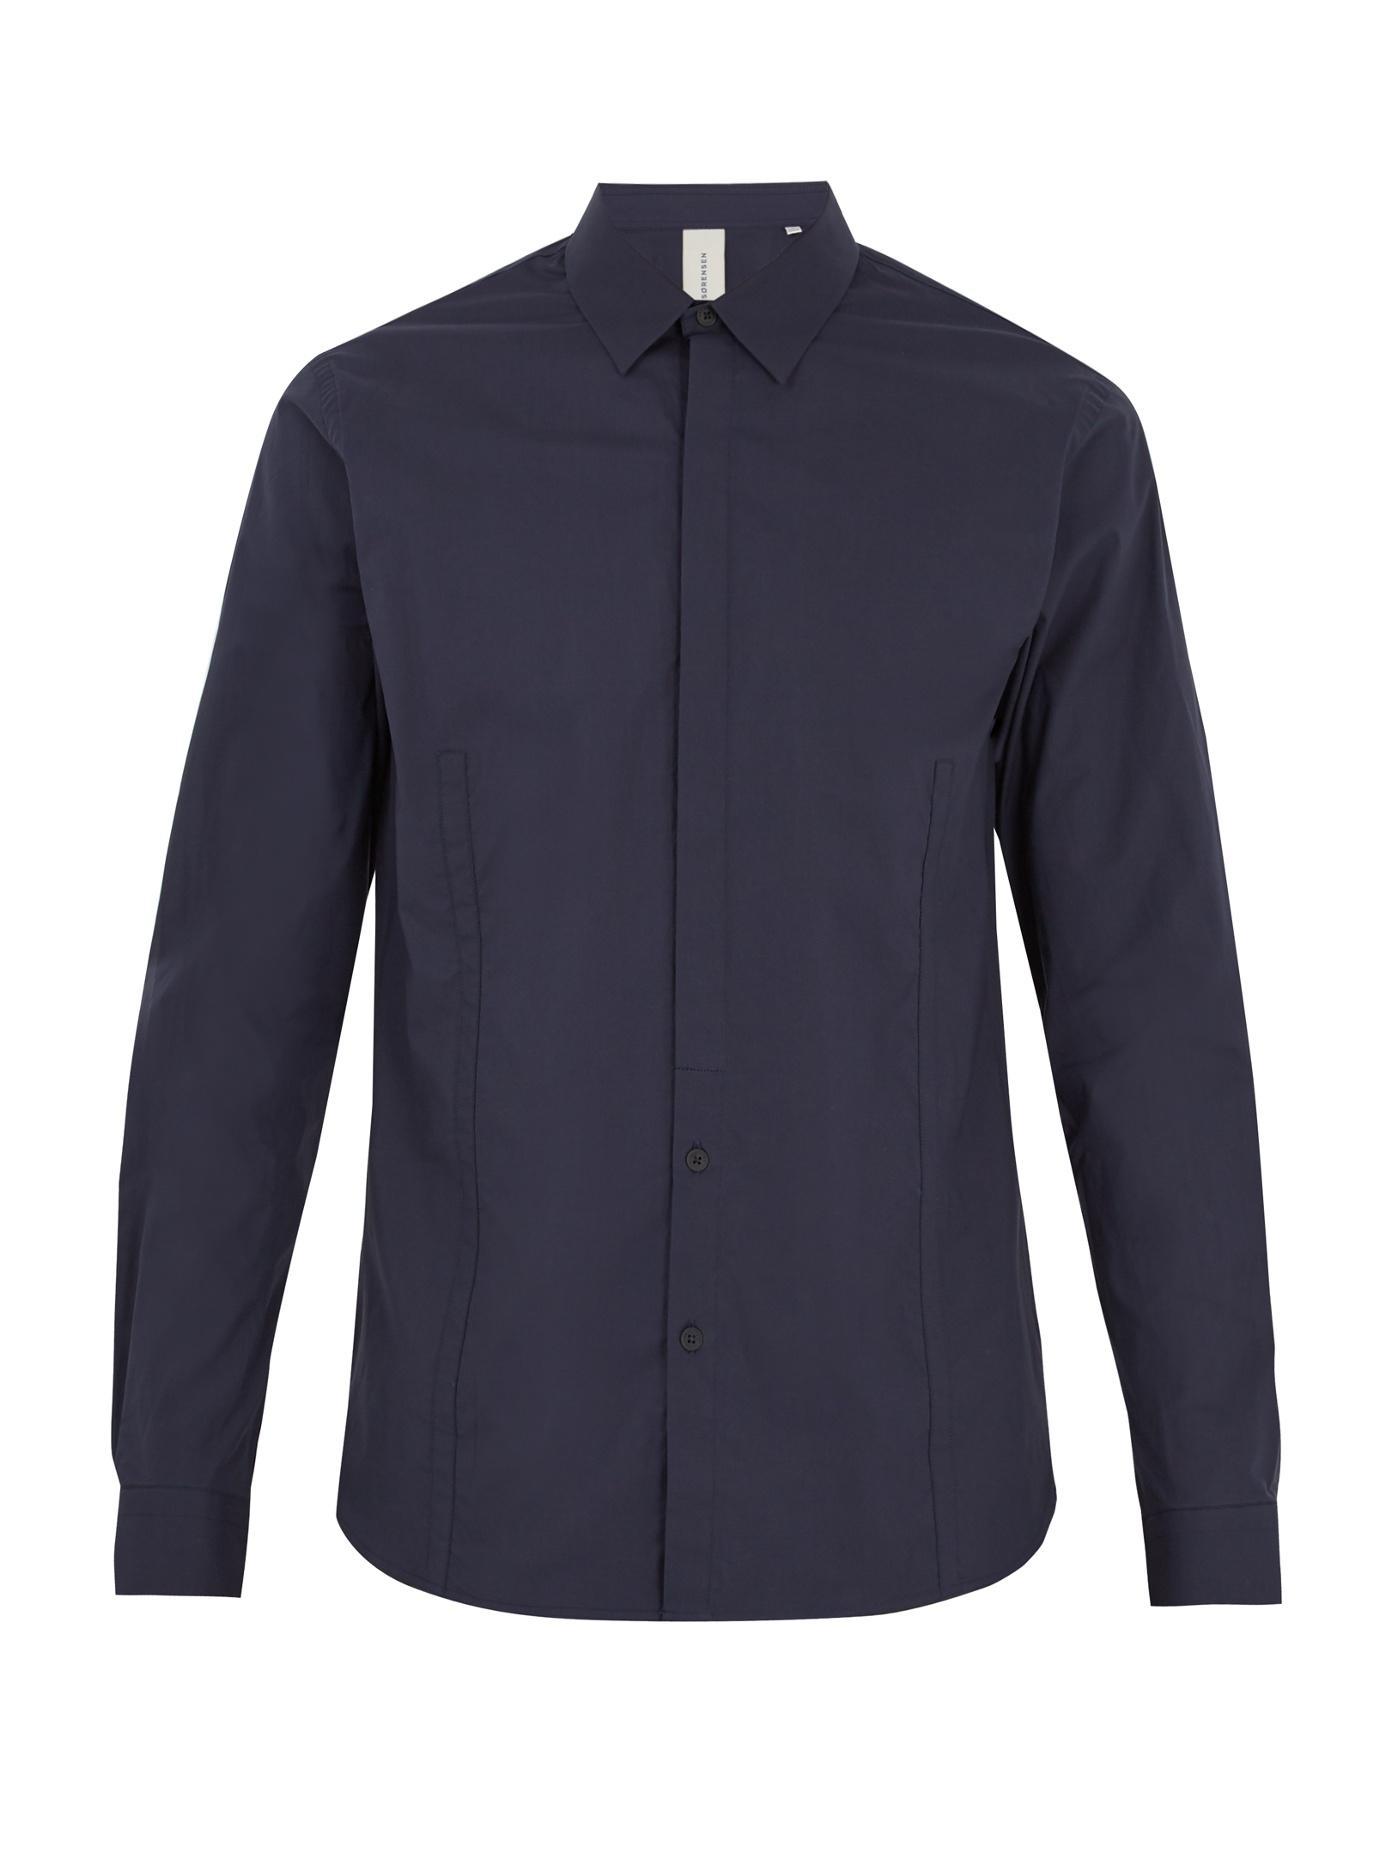 S0rensen Driver Point-collar Cotton-blend Shirt In Navy